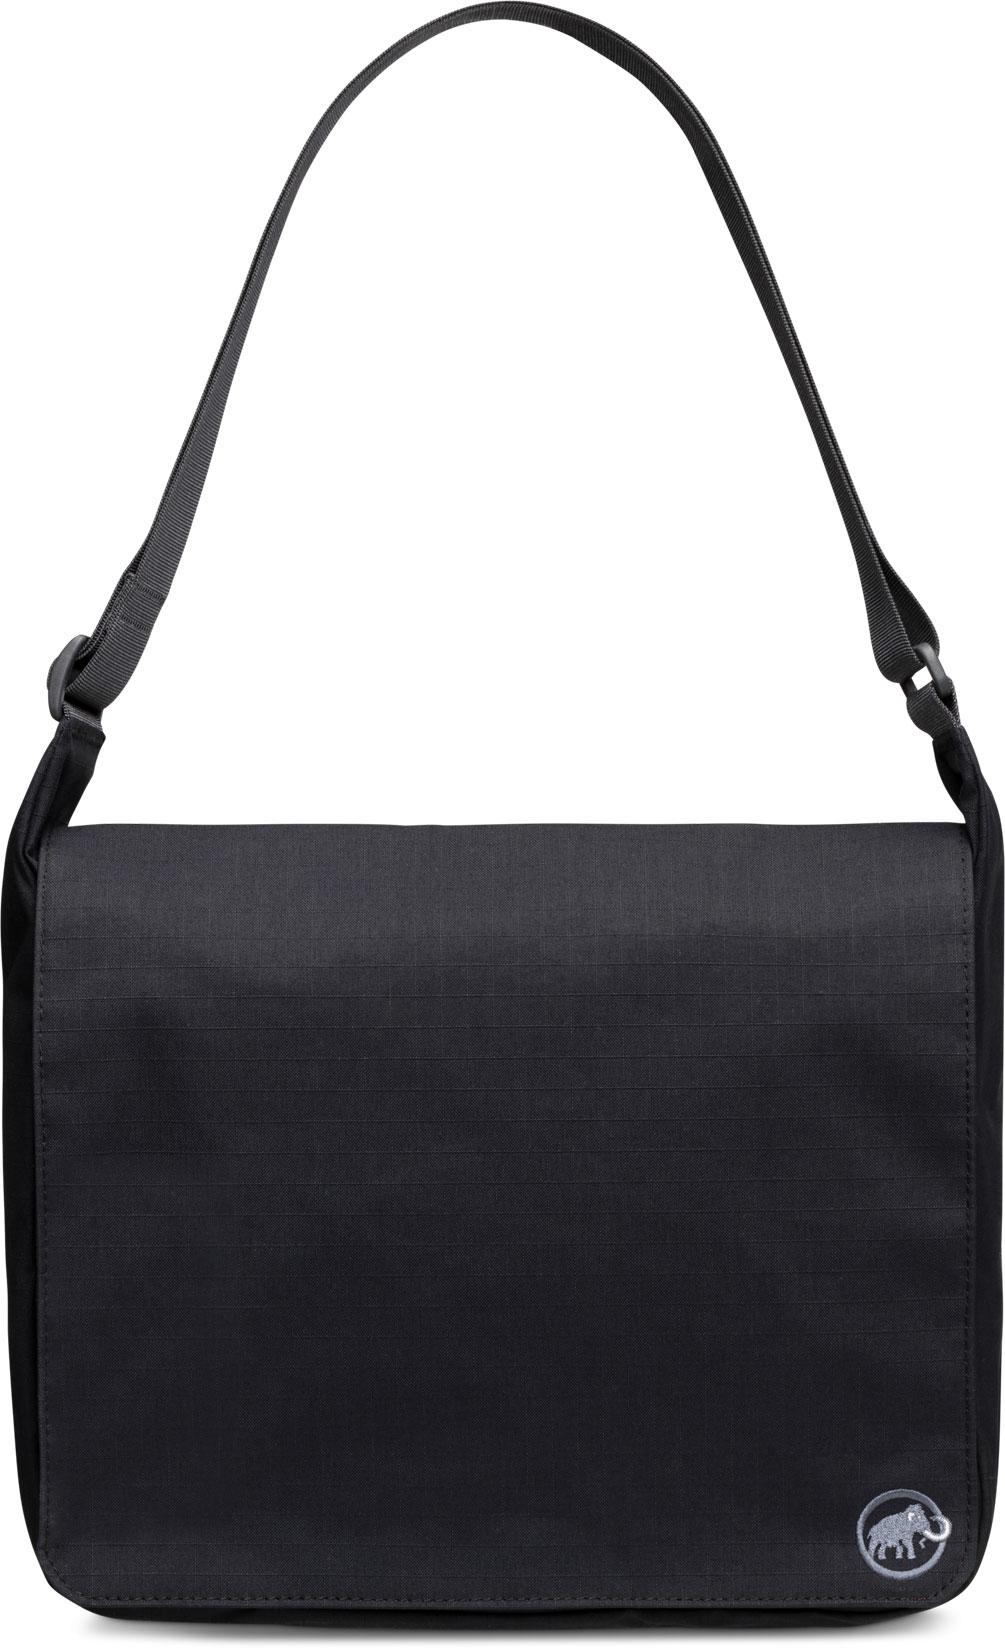 7ac15ee09 Mammut Shoulder Bag Square 8, 4 - Alles für Ihren Outdoorbedarf ...